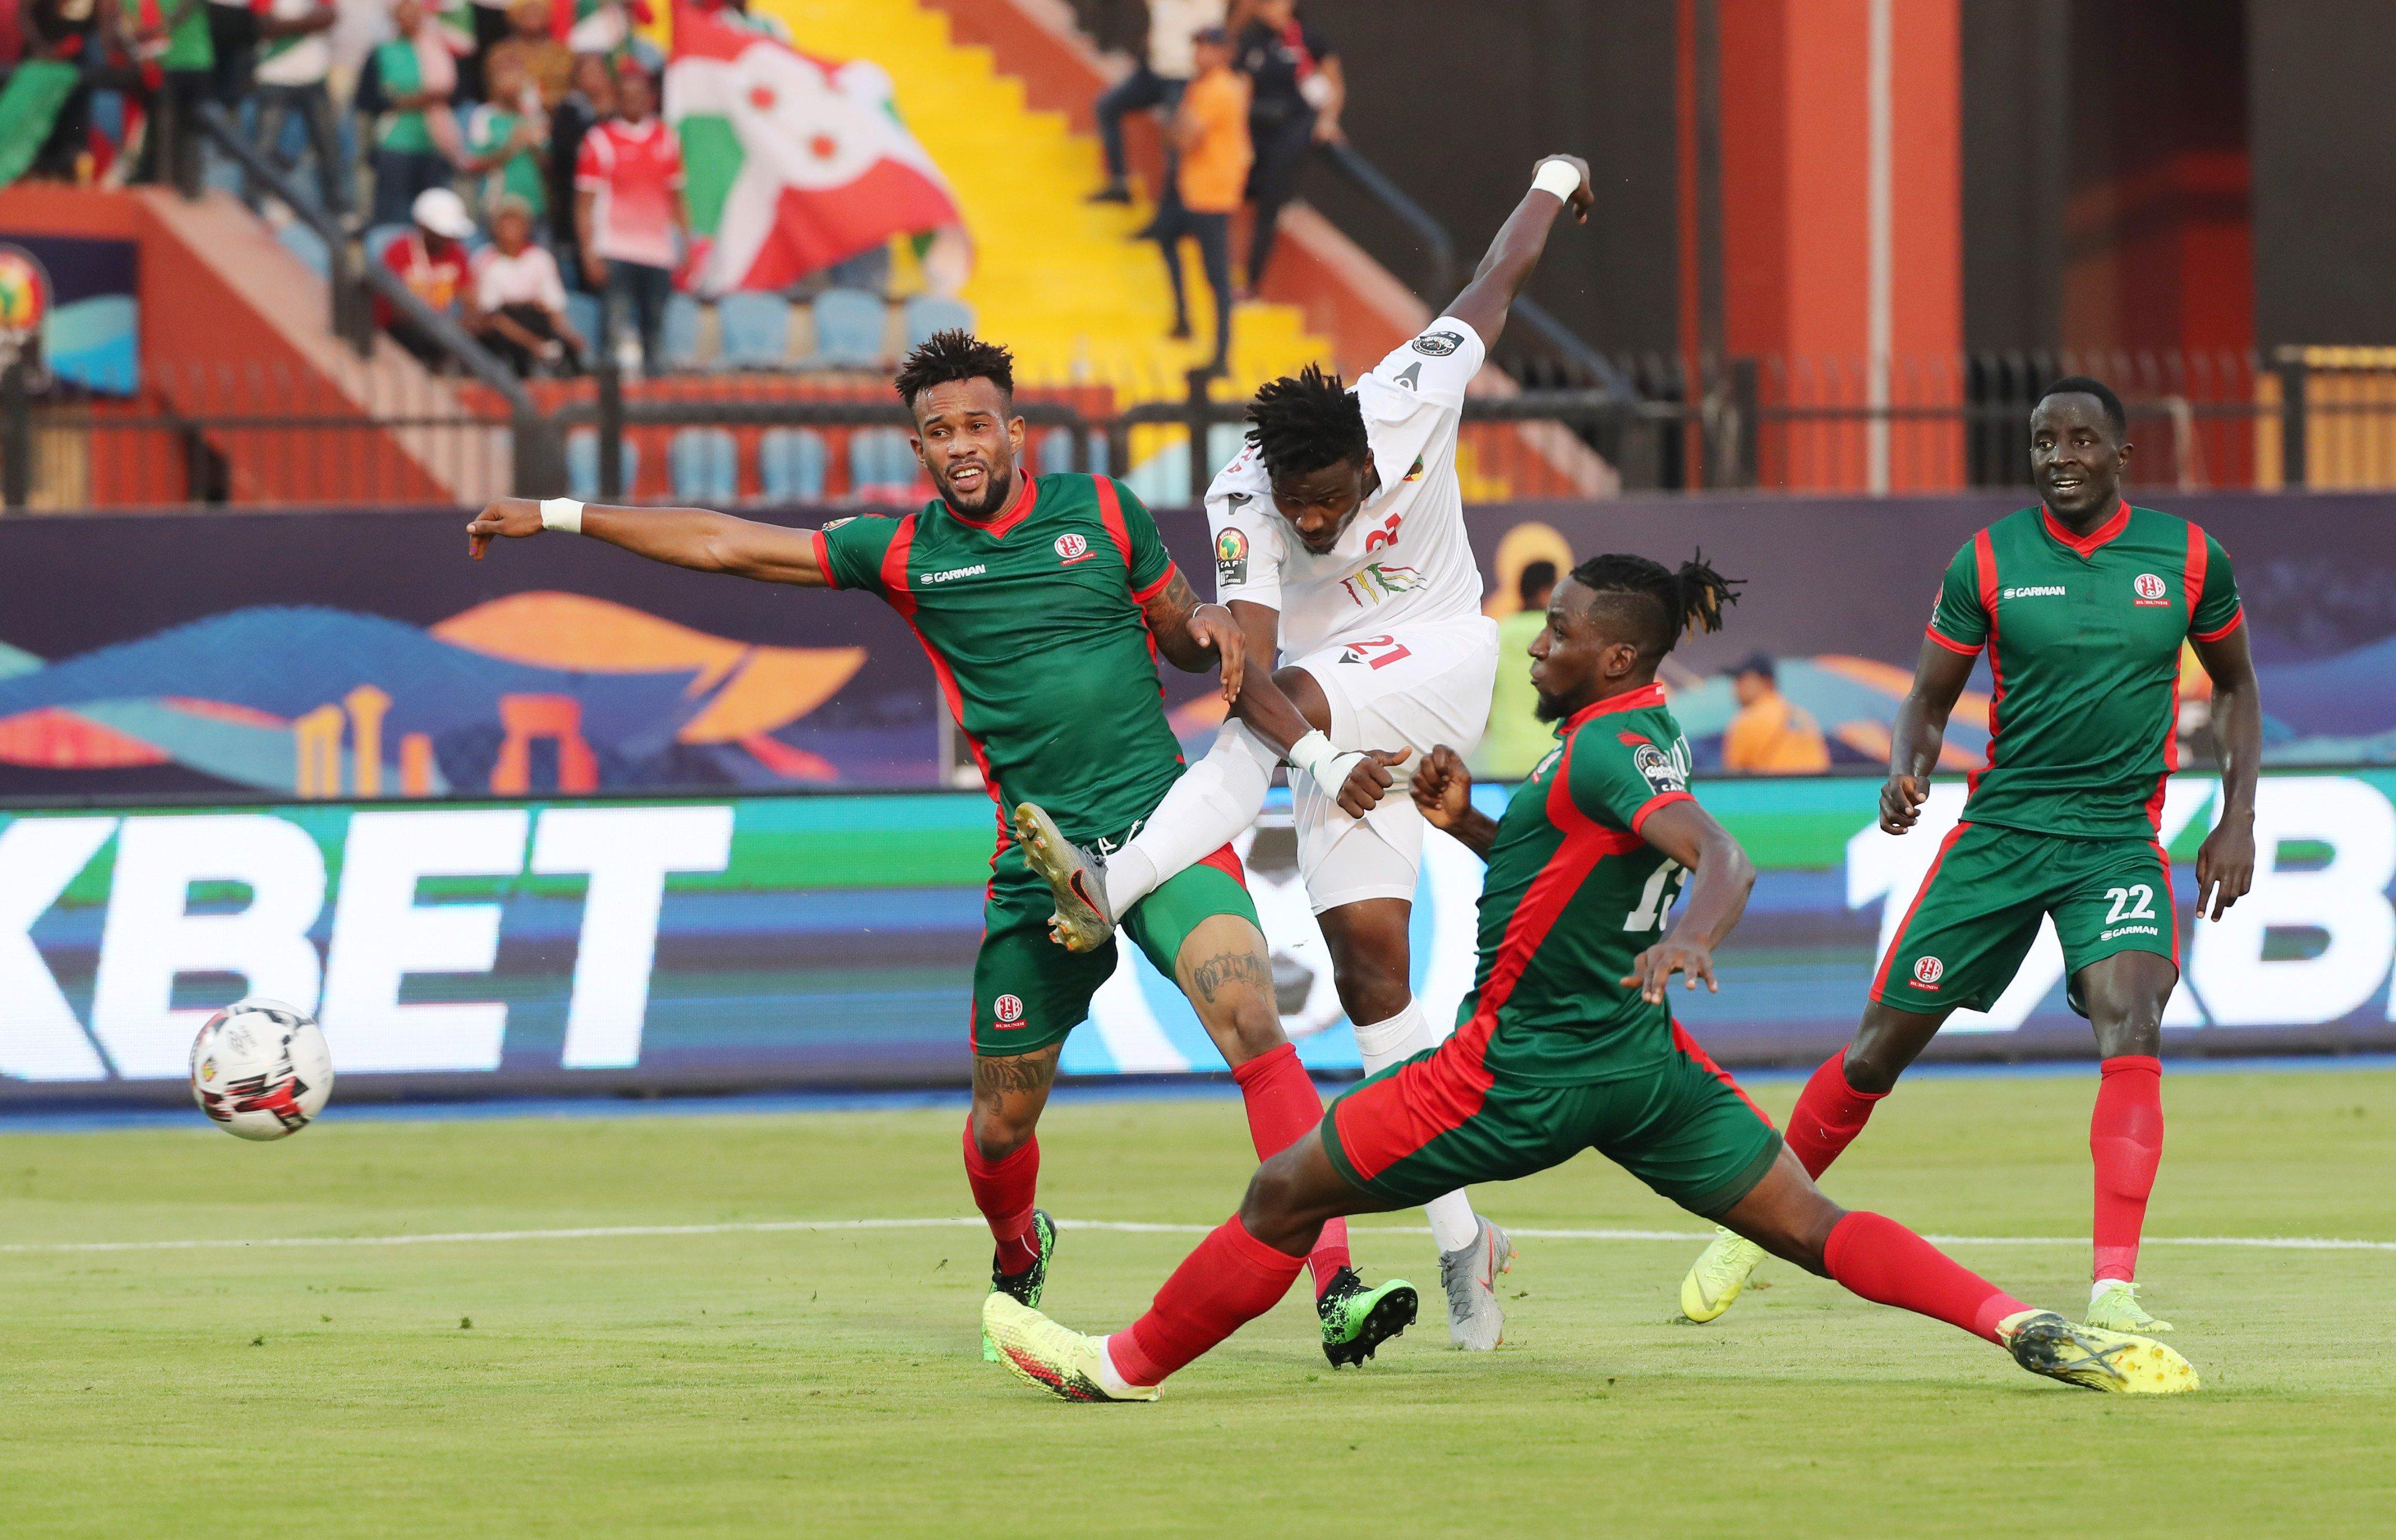 纳比-凯塔伤缺,非洲杯几内亚2-0完胜布隆迪晋级